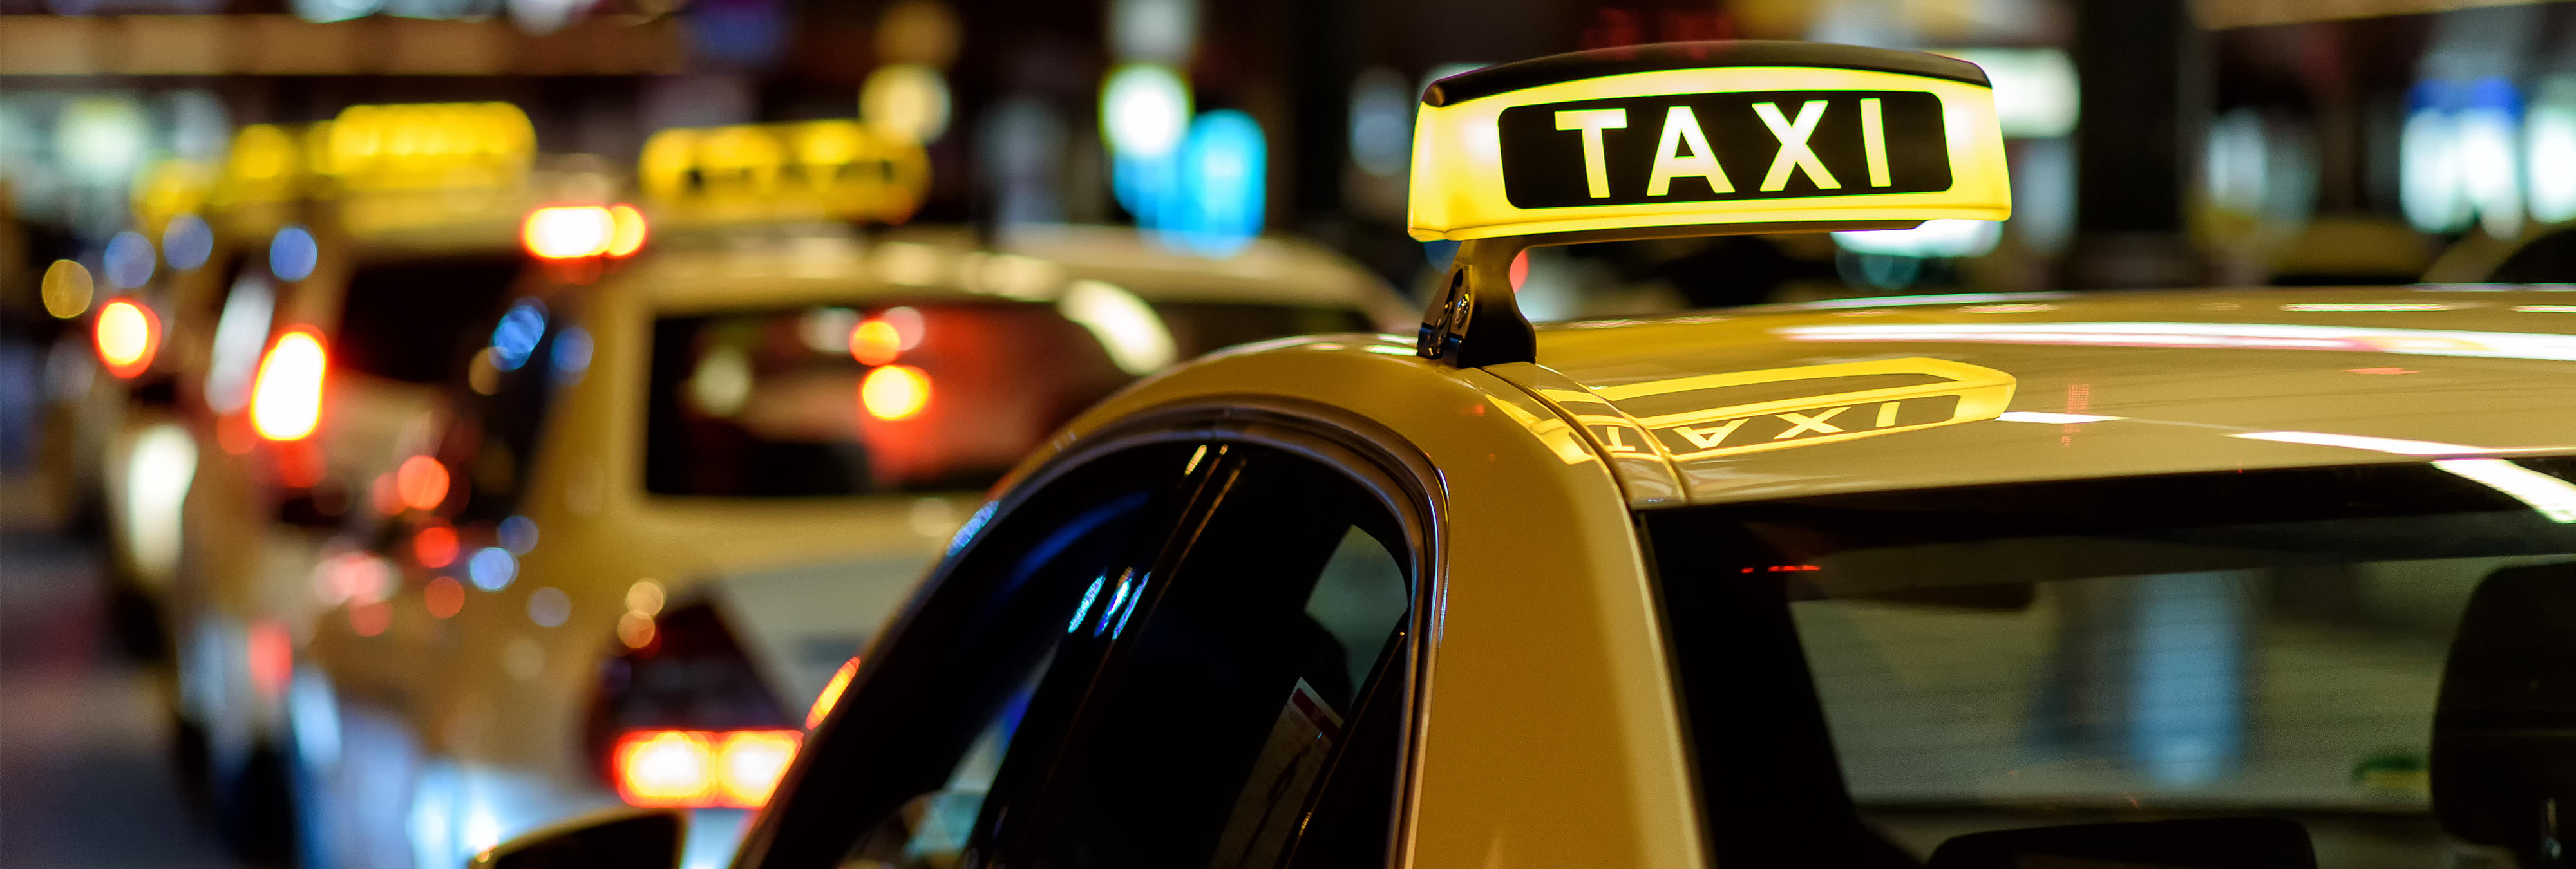 Simpa de 18.000 euros: recorre media Europa en taxi y abandona al conductor en México